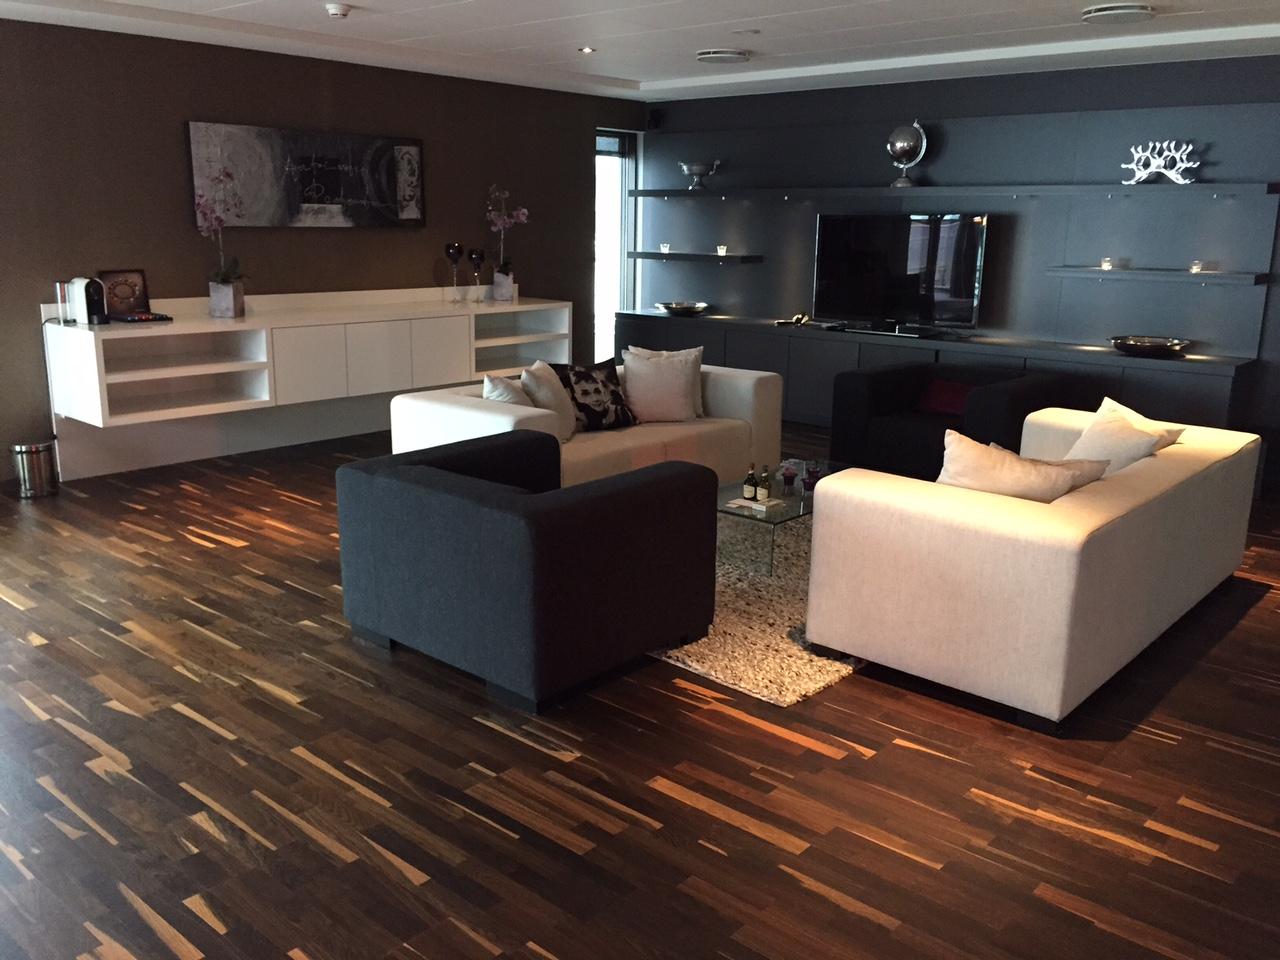 Alle elsker en oppgradering. Det får du ikke dersom du kjøper rommet gjennom hotels.com Foto: Odd Roar Lange